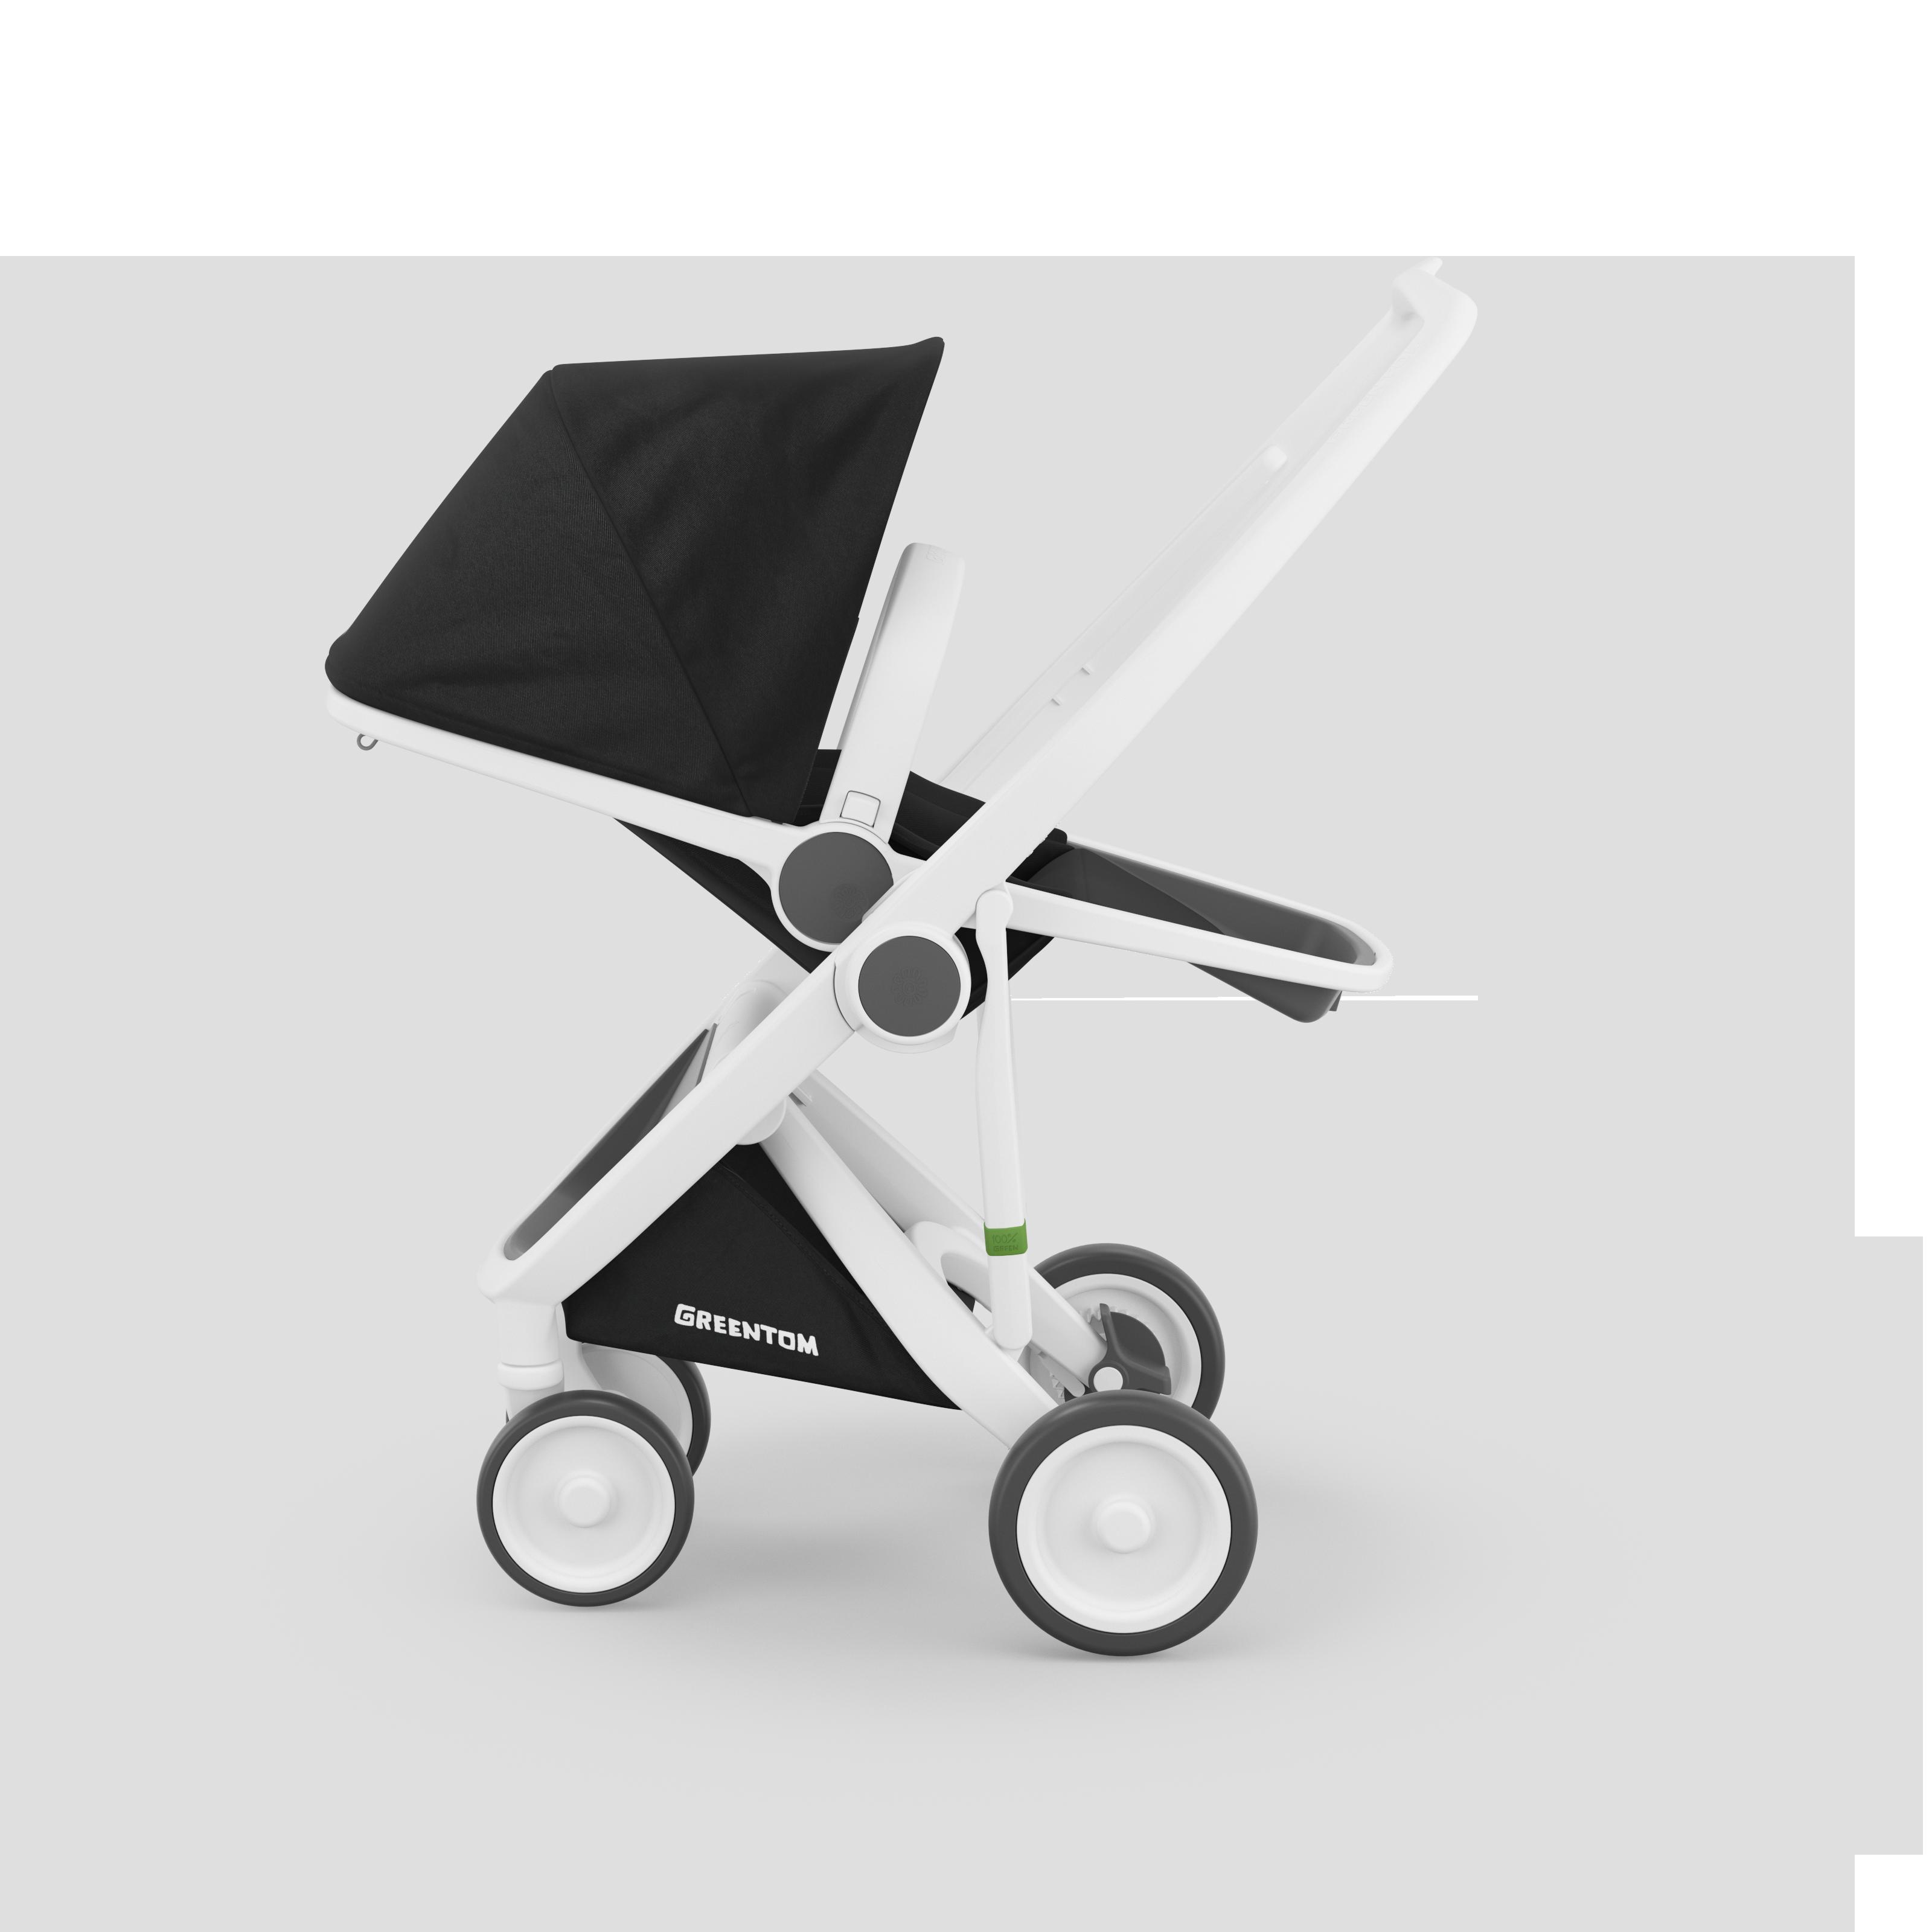 Greentom Reversible White Black Stroller, Nontoxic